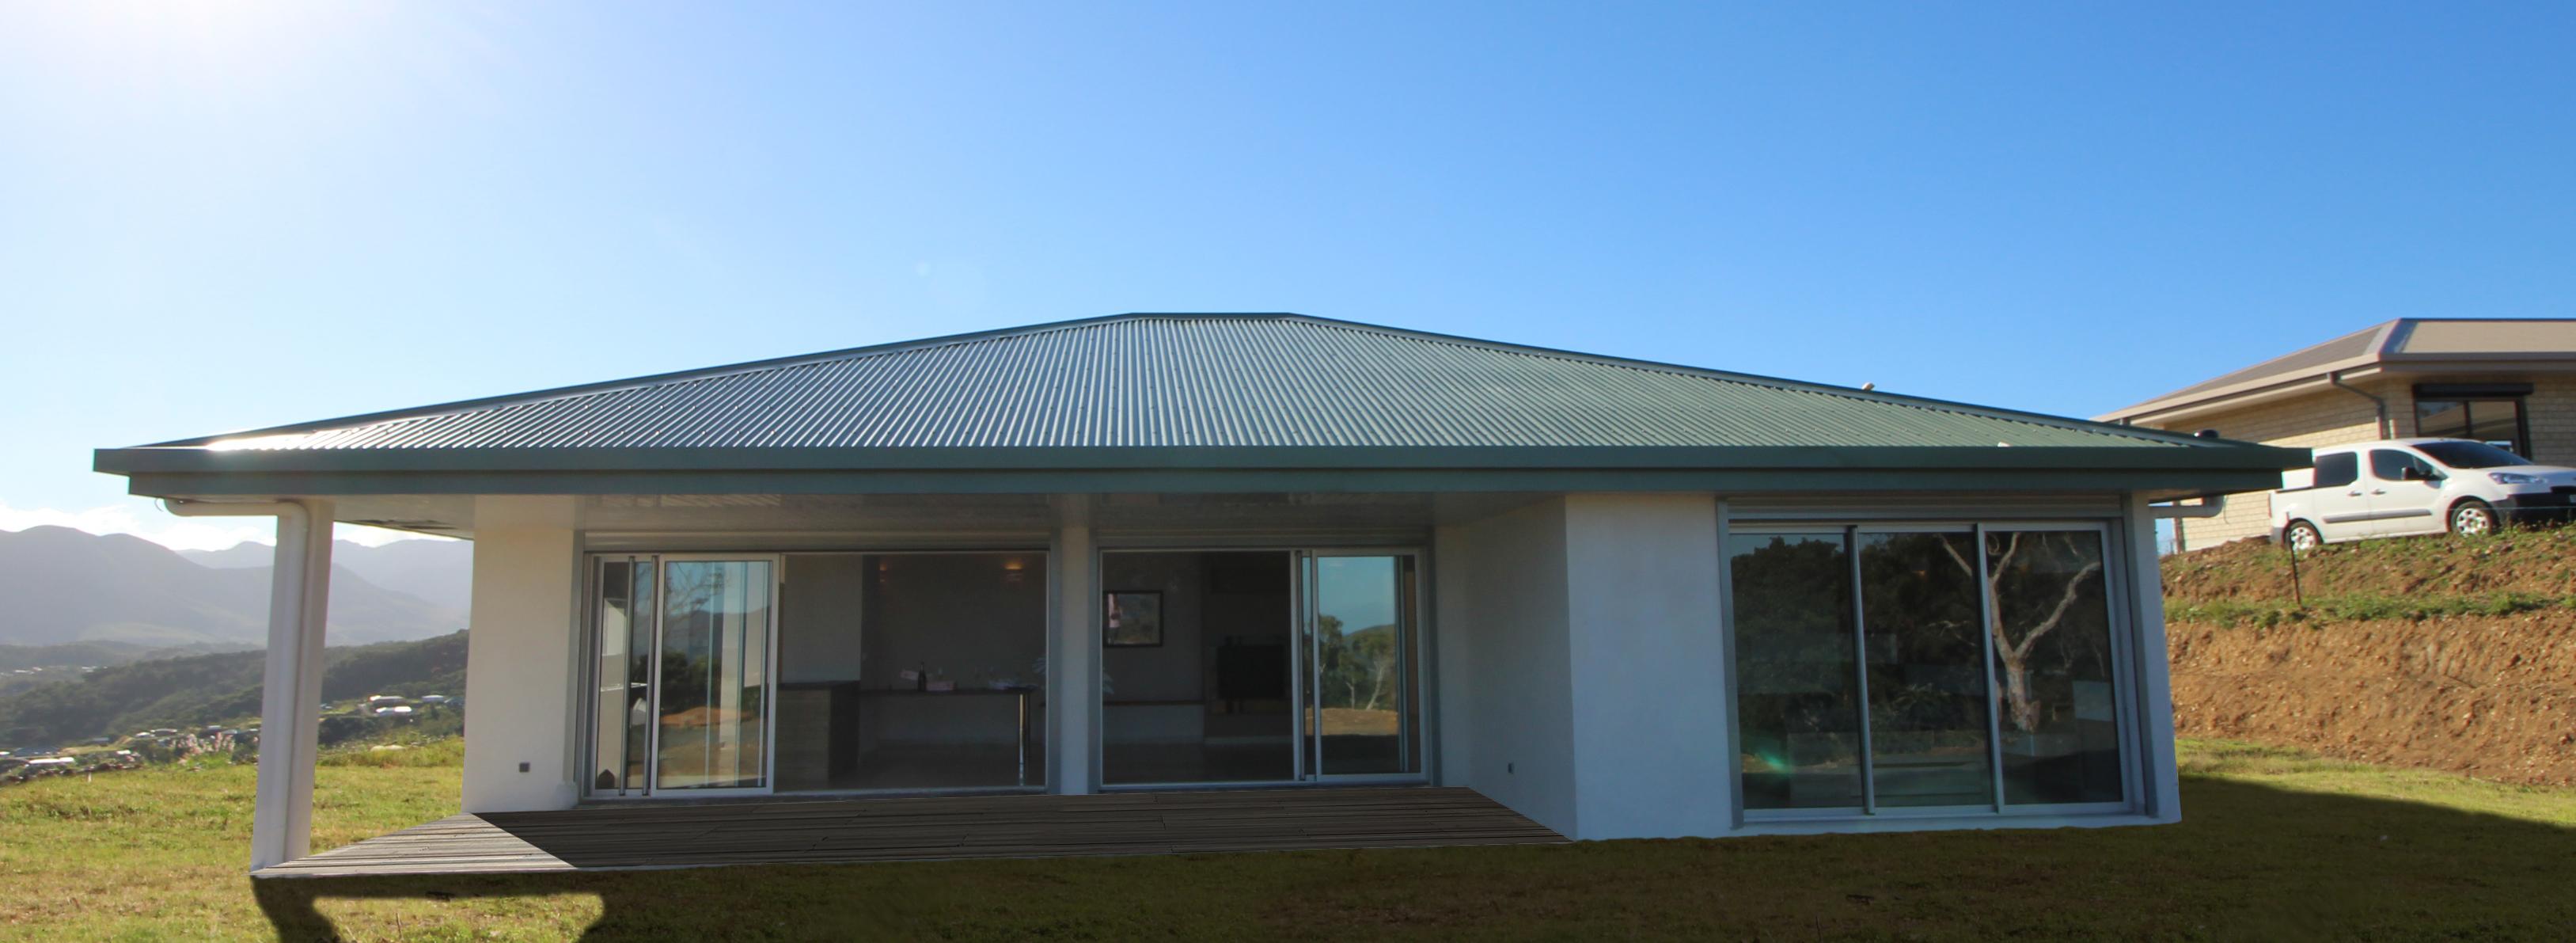 facade 2